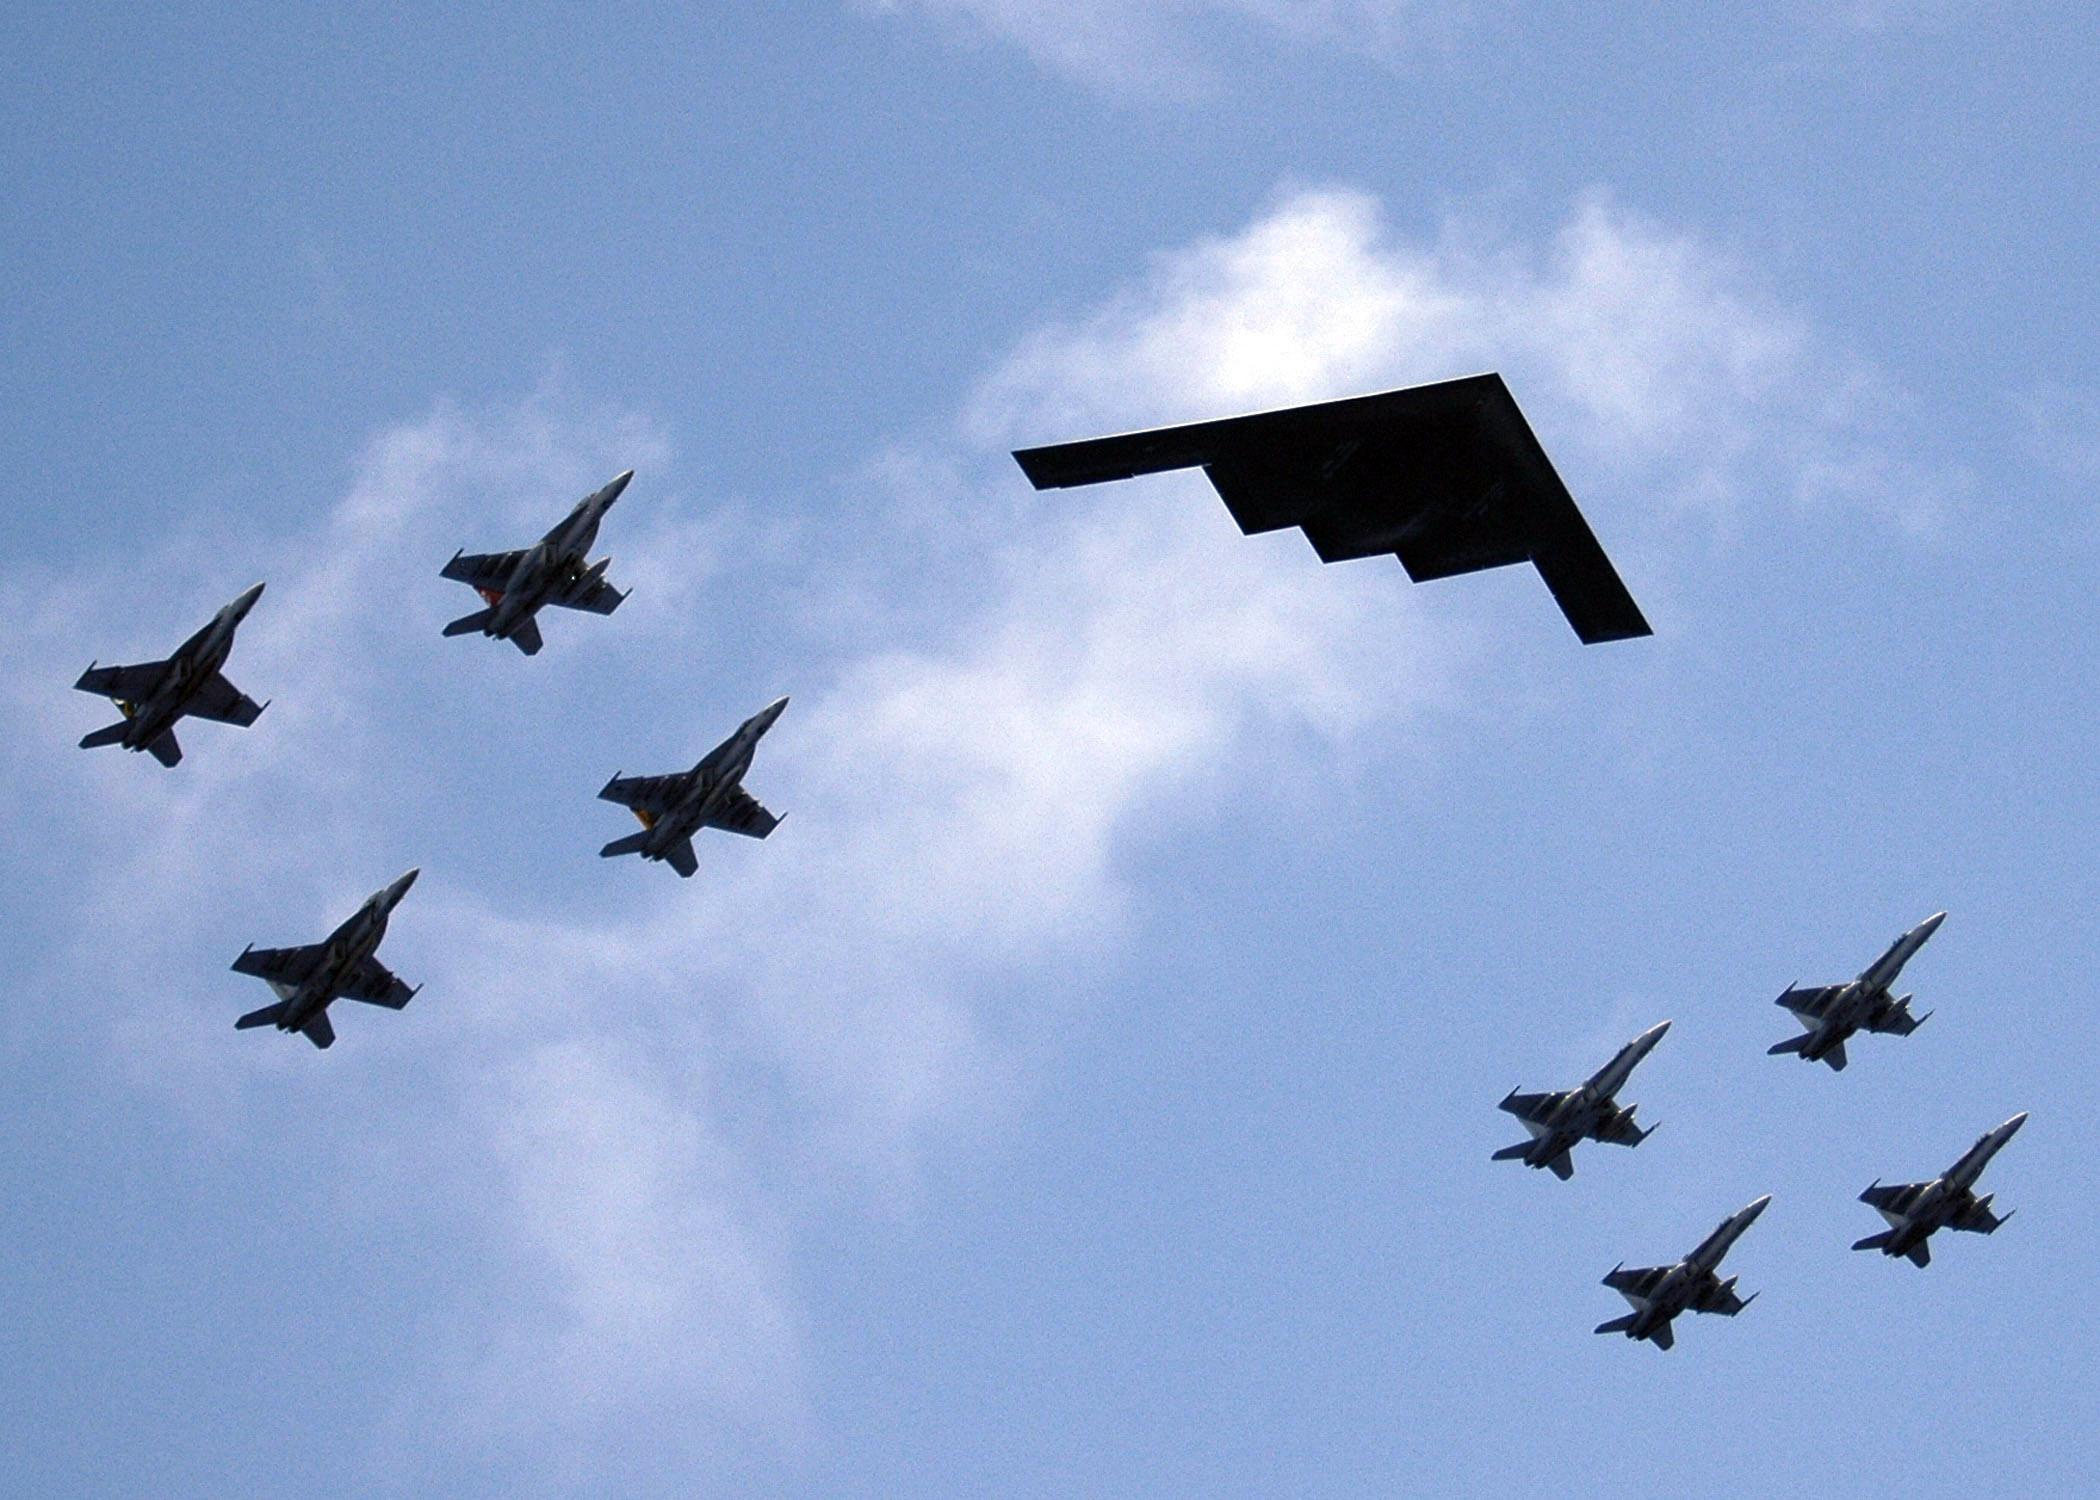 Northrop Grumman B-2 Spirit Stealth Bomber